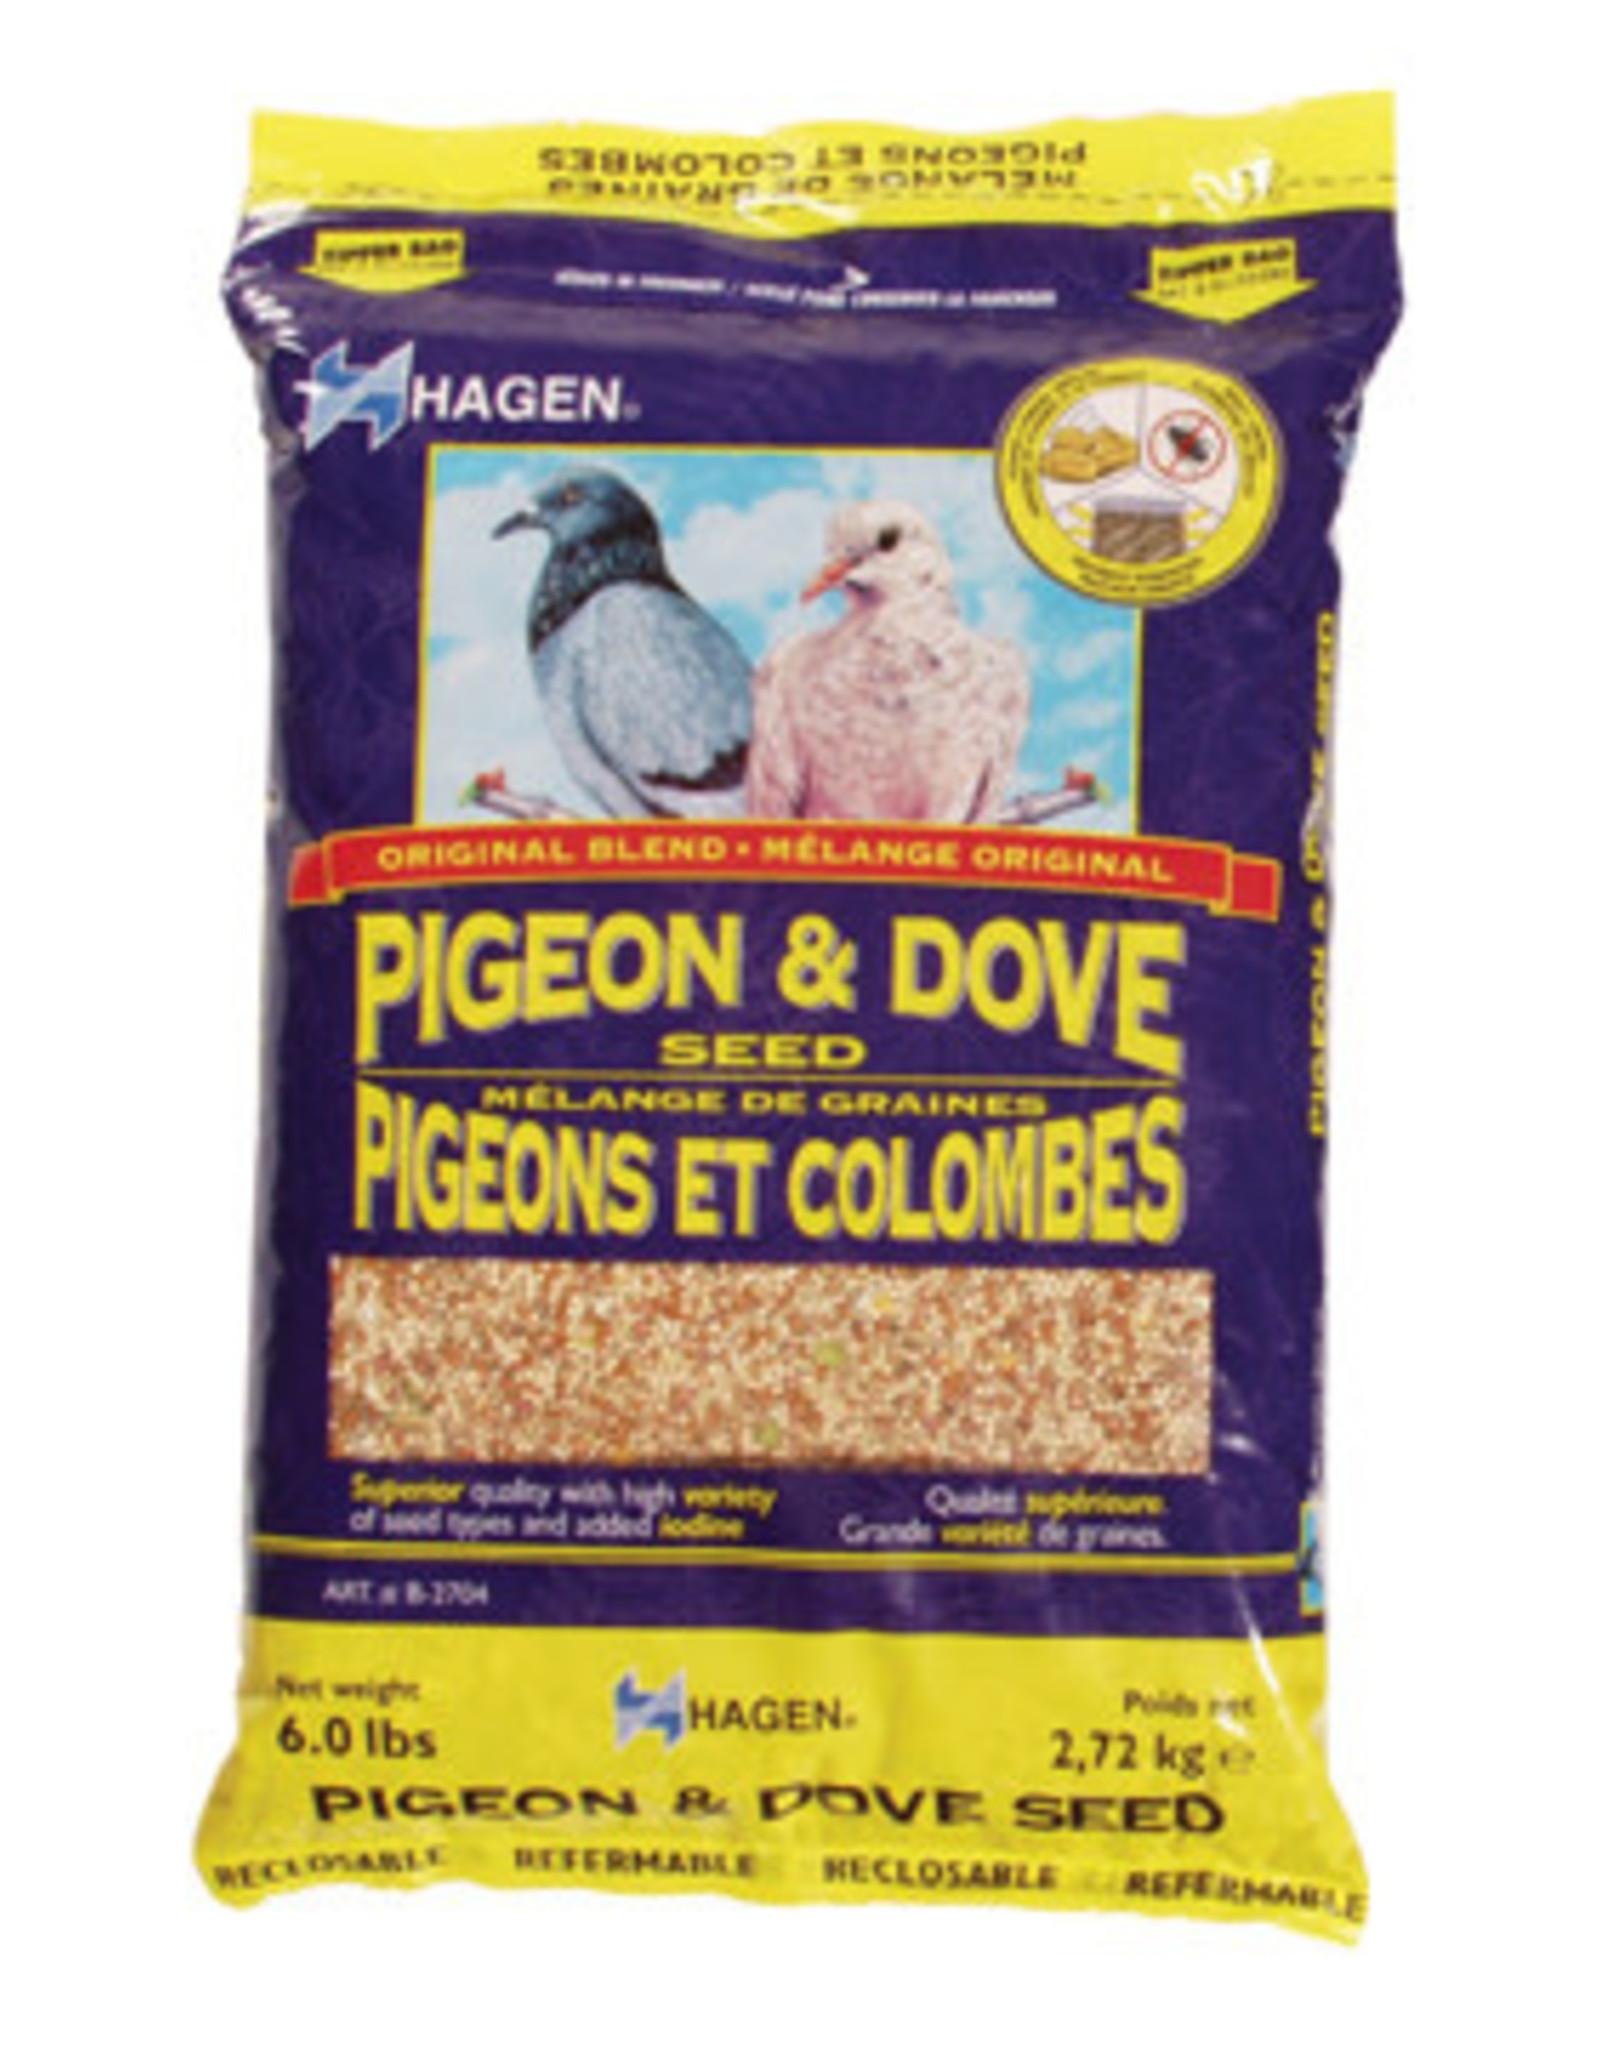 Hagen Hagen Pigeon & Dove Staple VME Seed - 2.72 kg (6 lb)